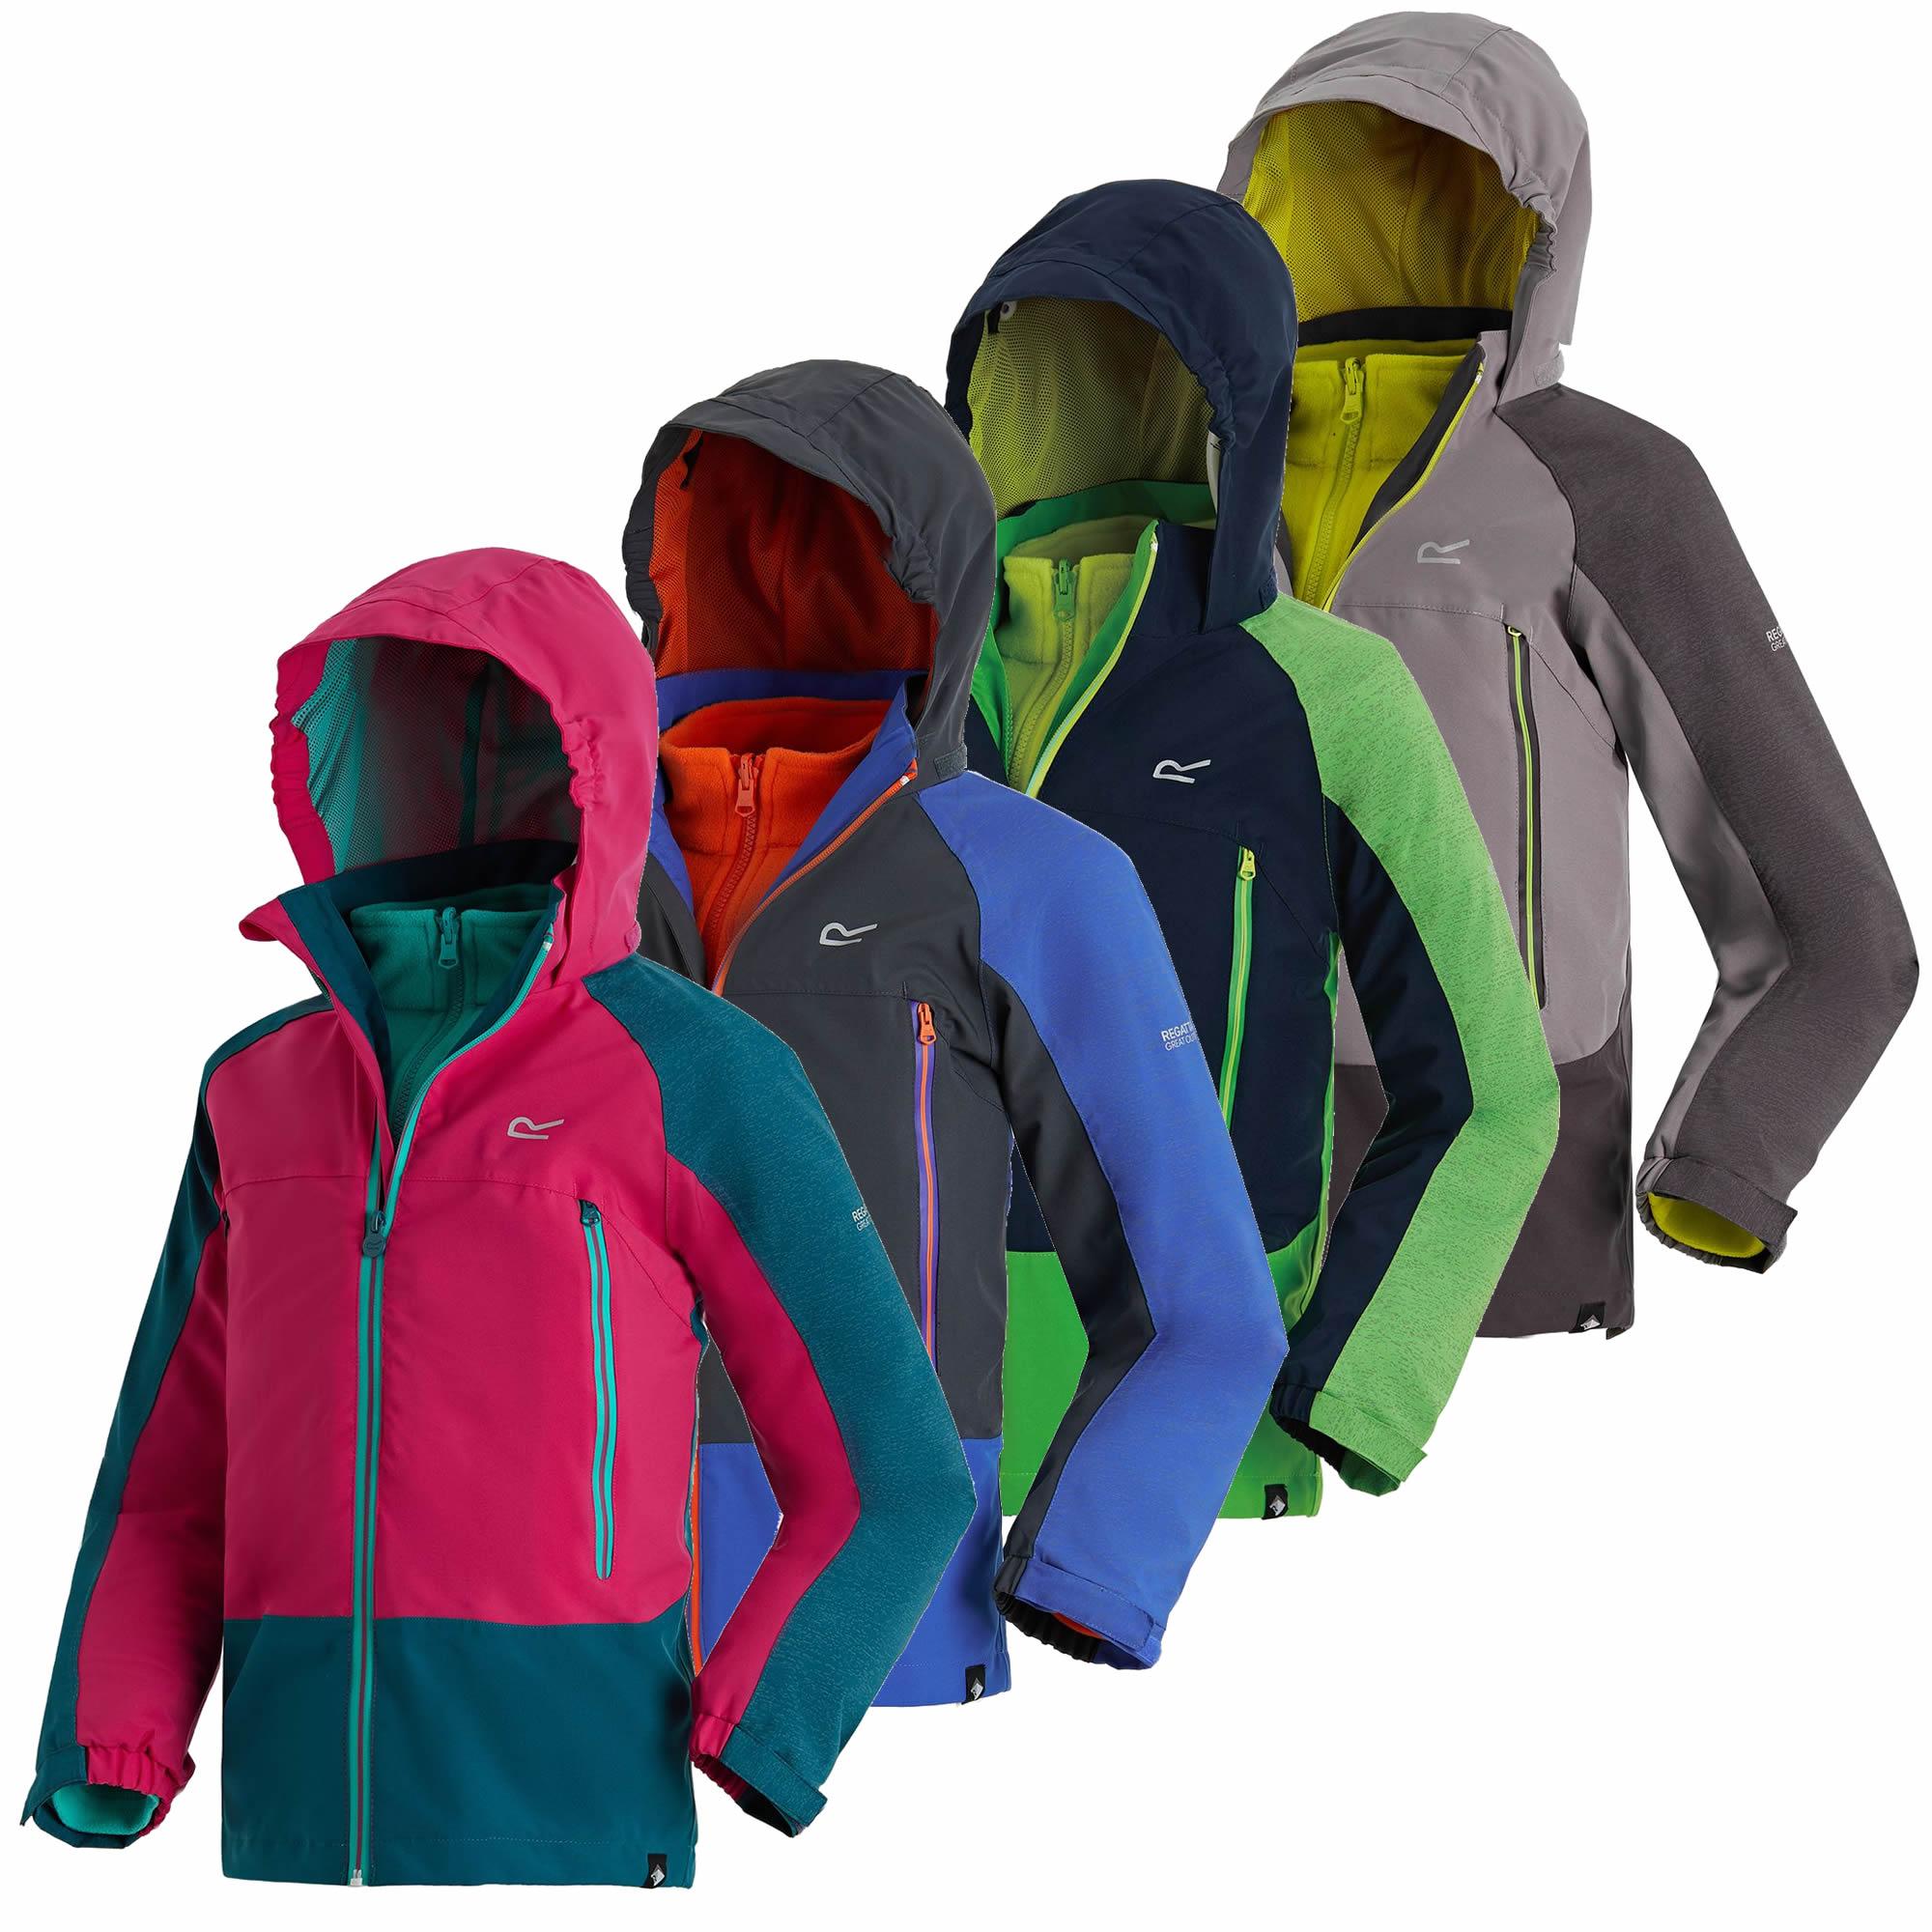 a488e91cdaf1 Regatta Hydrate III 3-in-1 Kids Jacket - Run Charlie